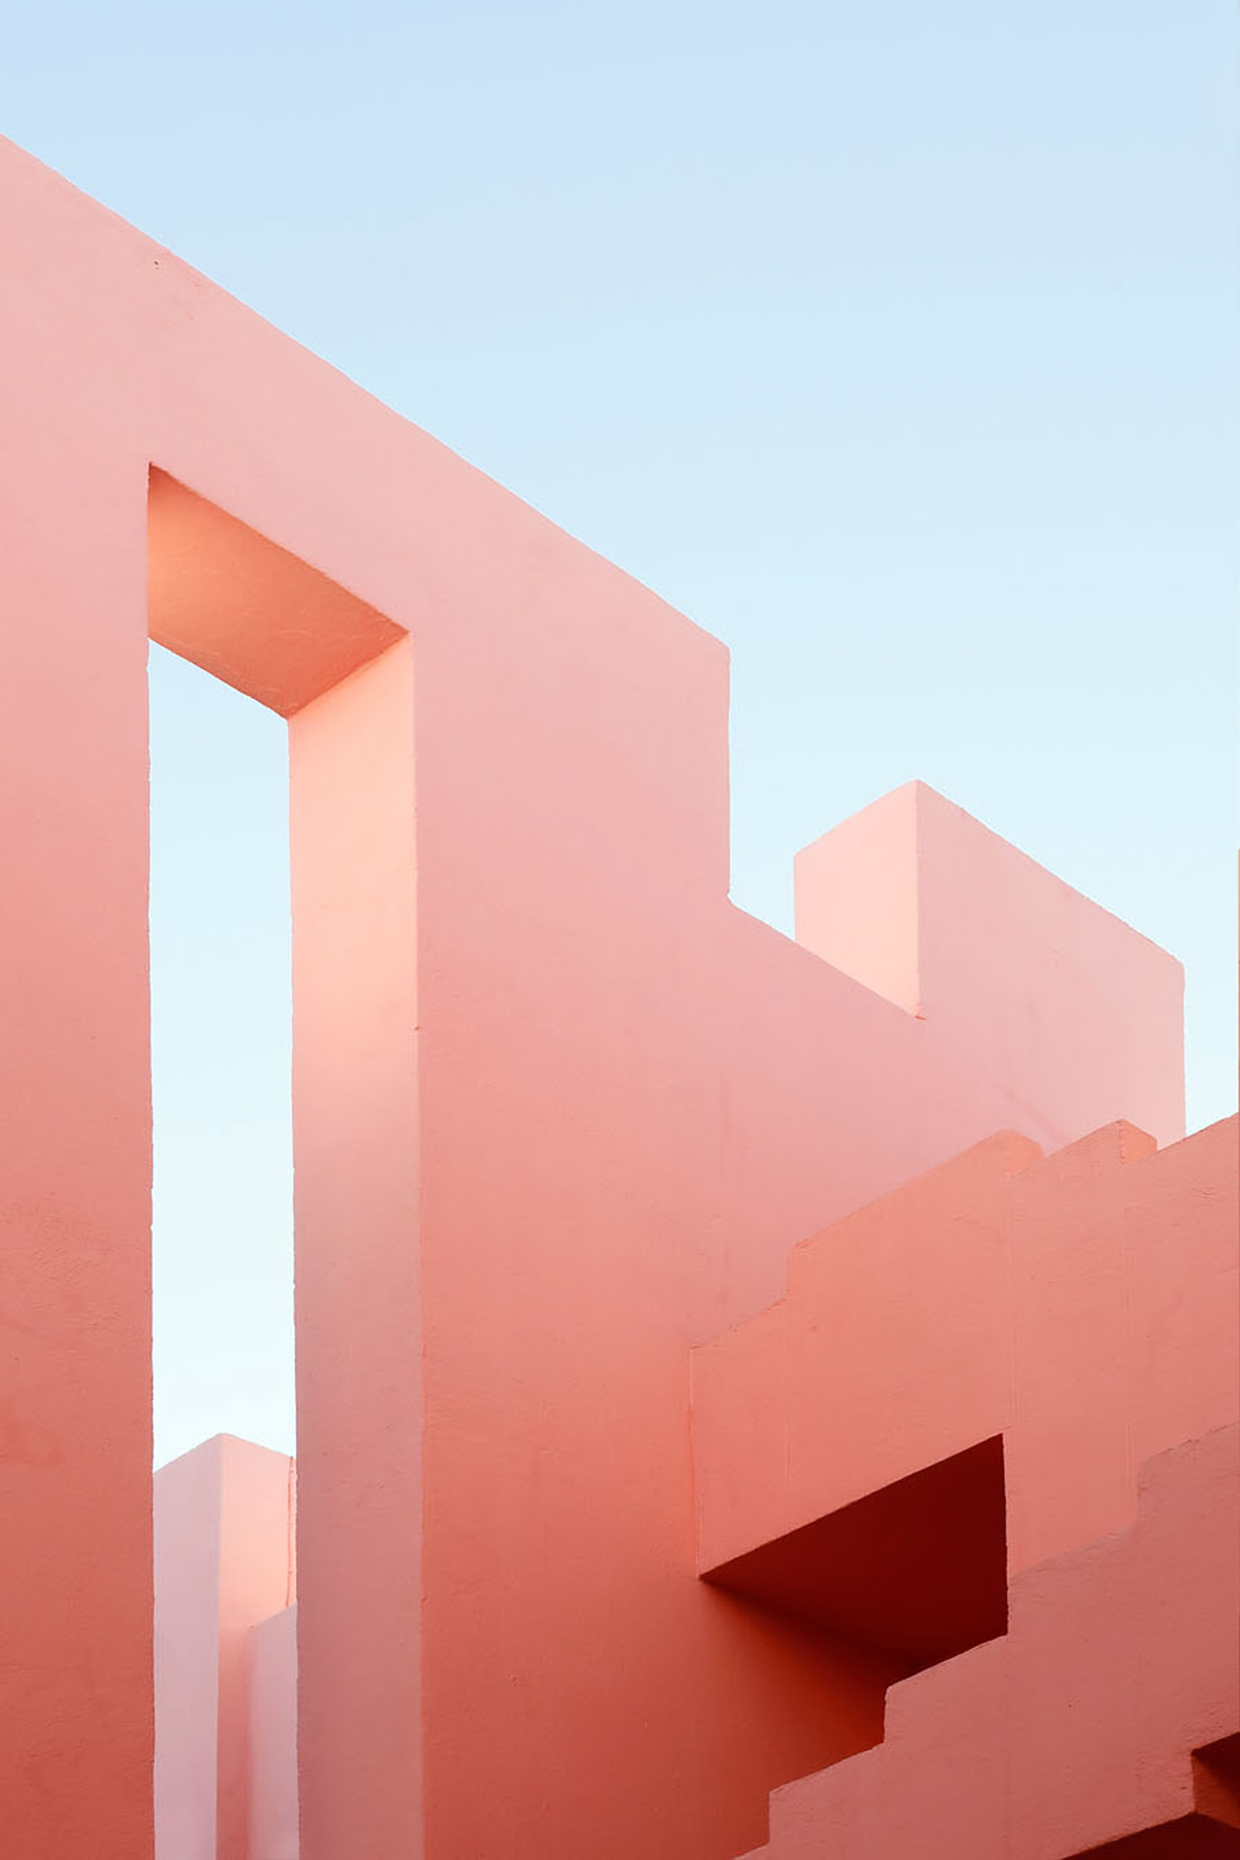 Secrets - Architecture Photography - Mindsparkle Mag